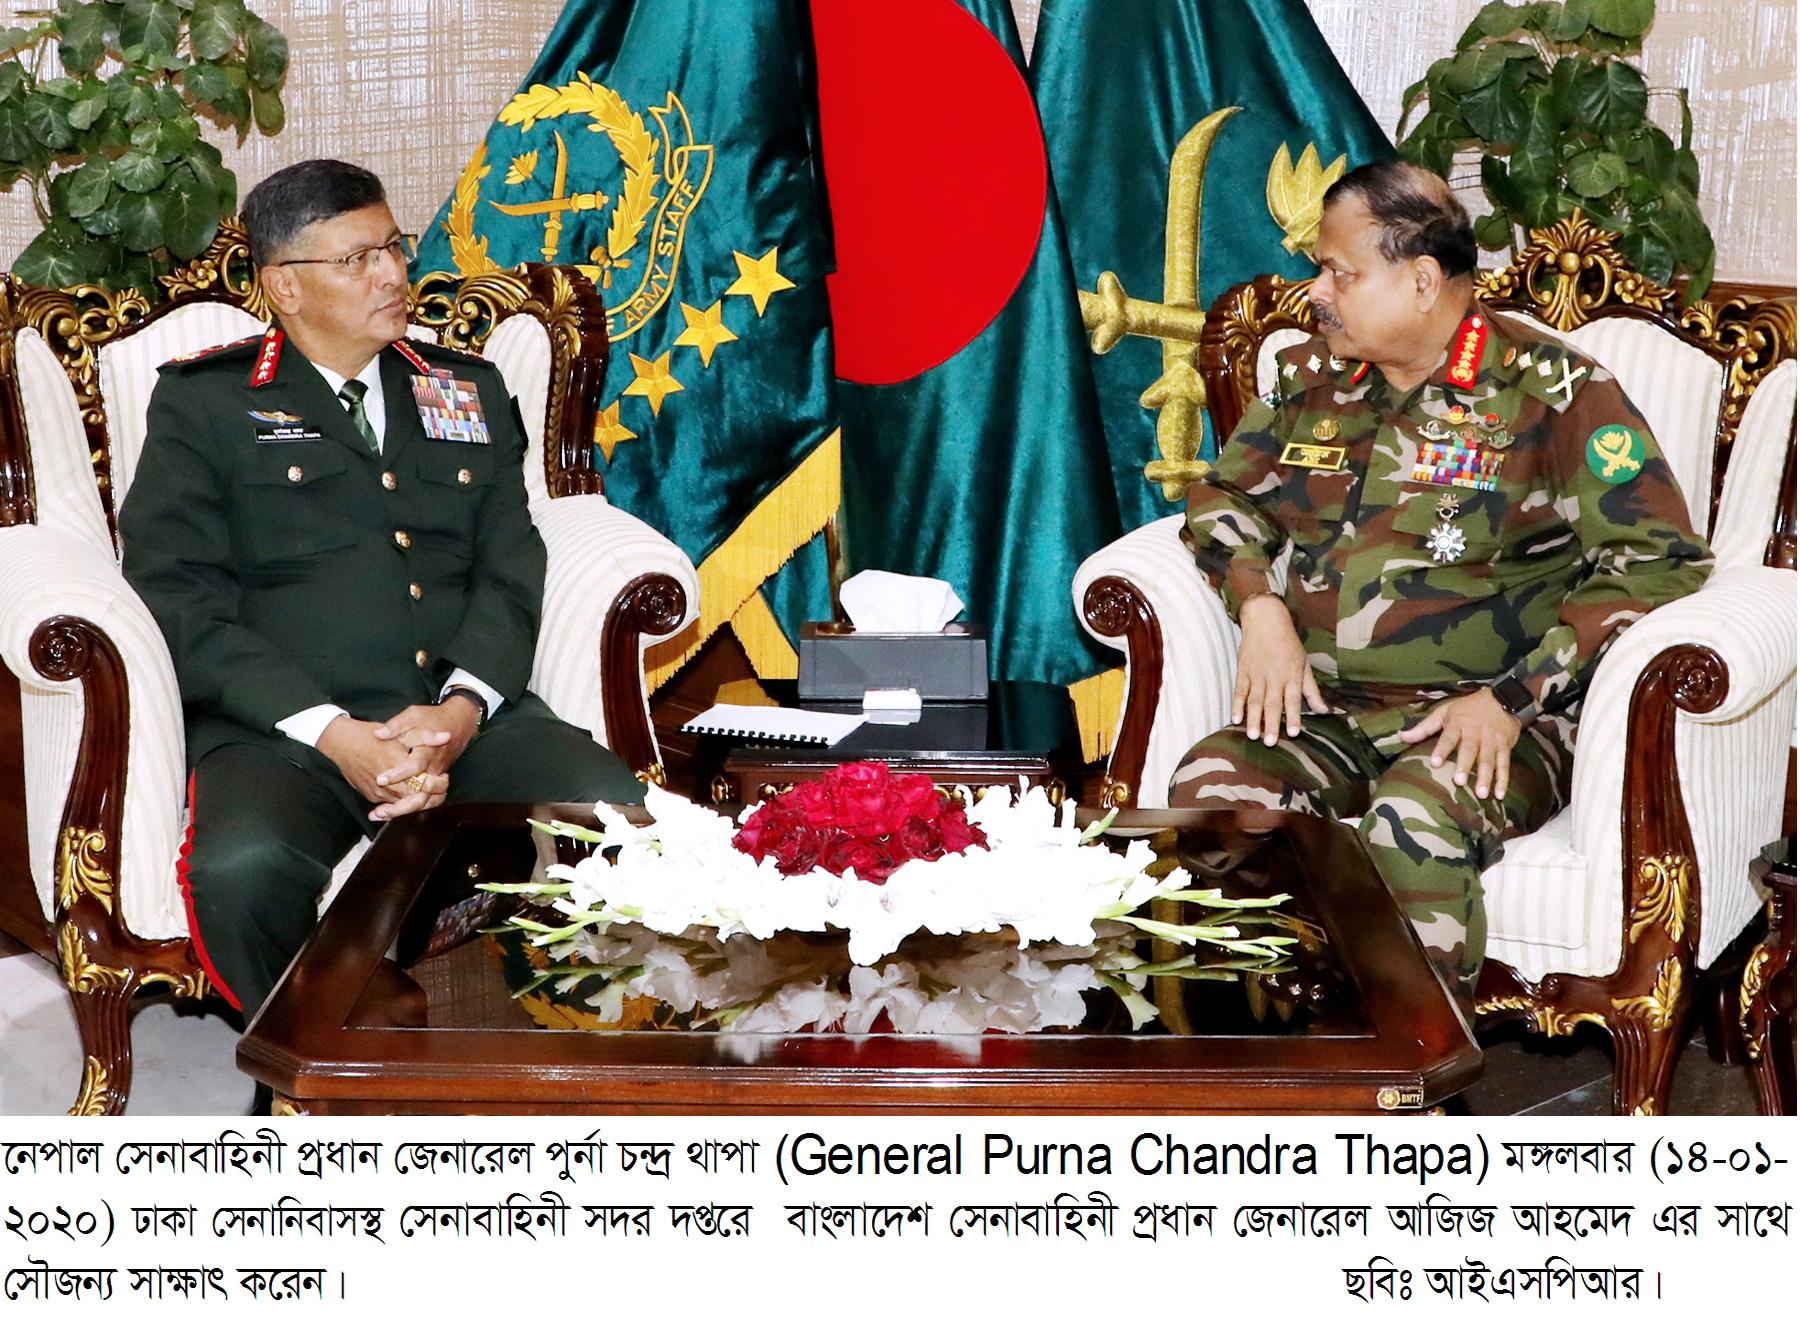 বাংলাদেশ সেনাবাহিনী প্রধানের সাথে নেপালের সেনাবাহিনী প্রধানের সাক্ষাৎ